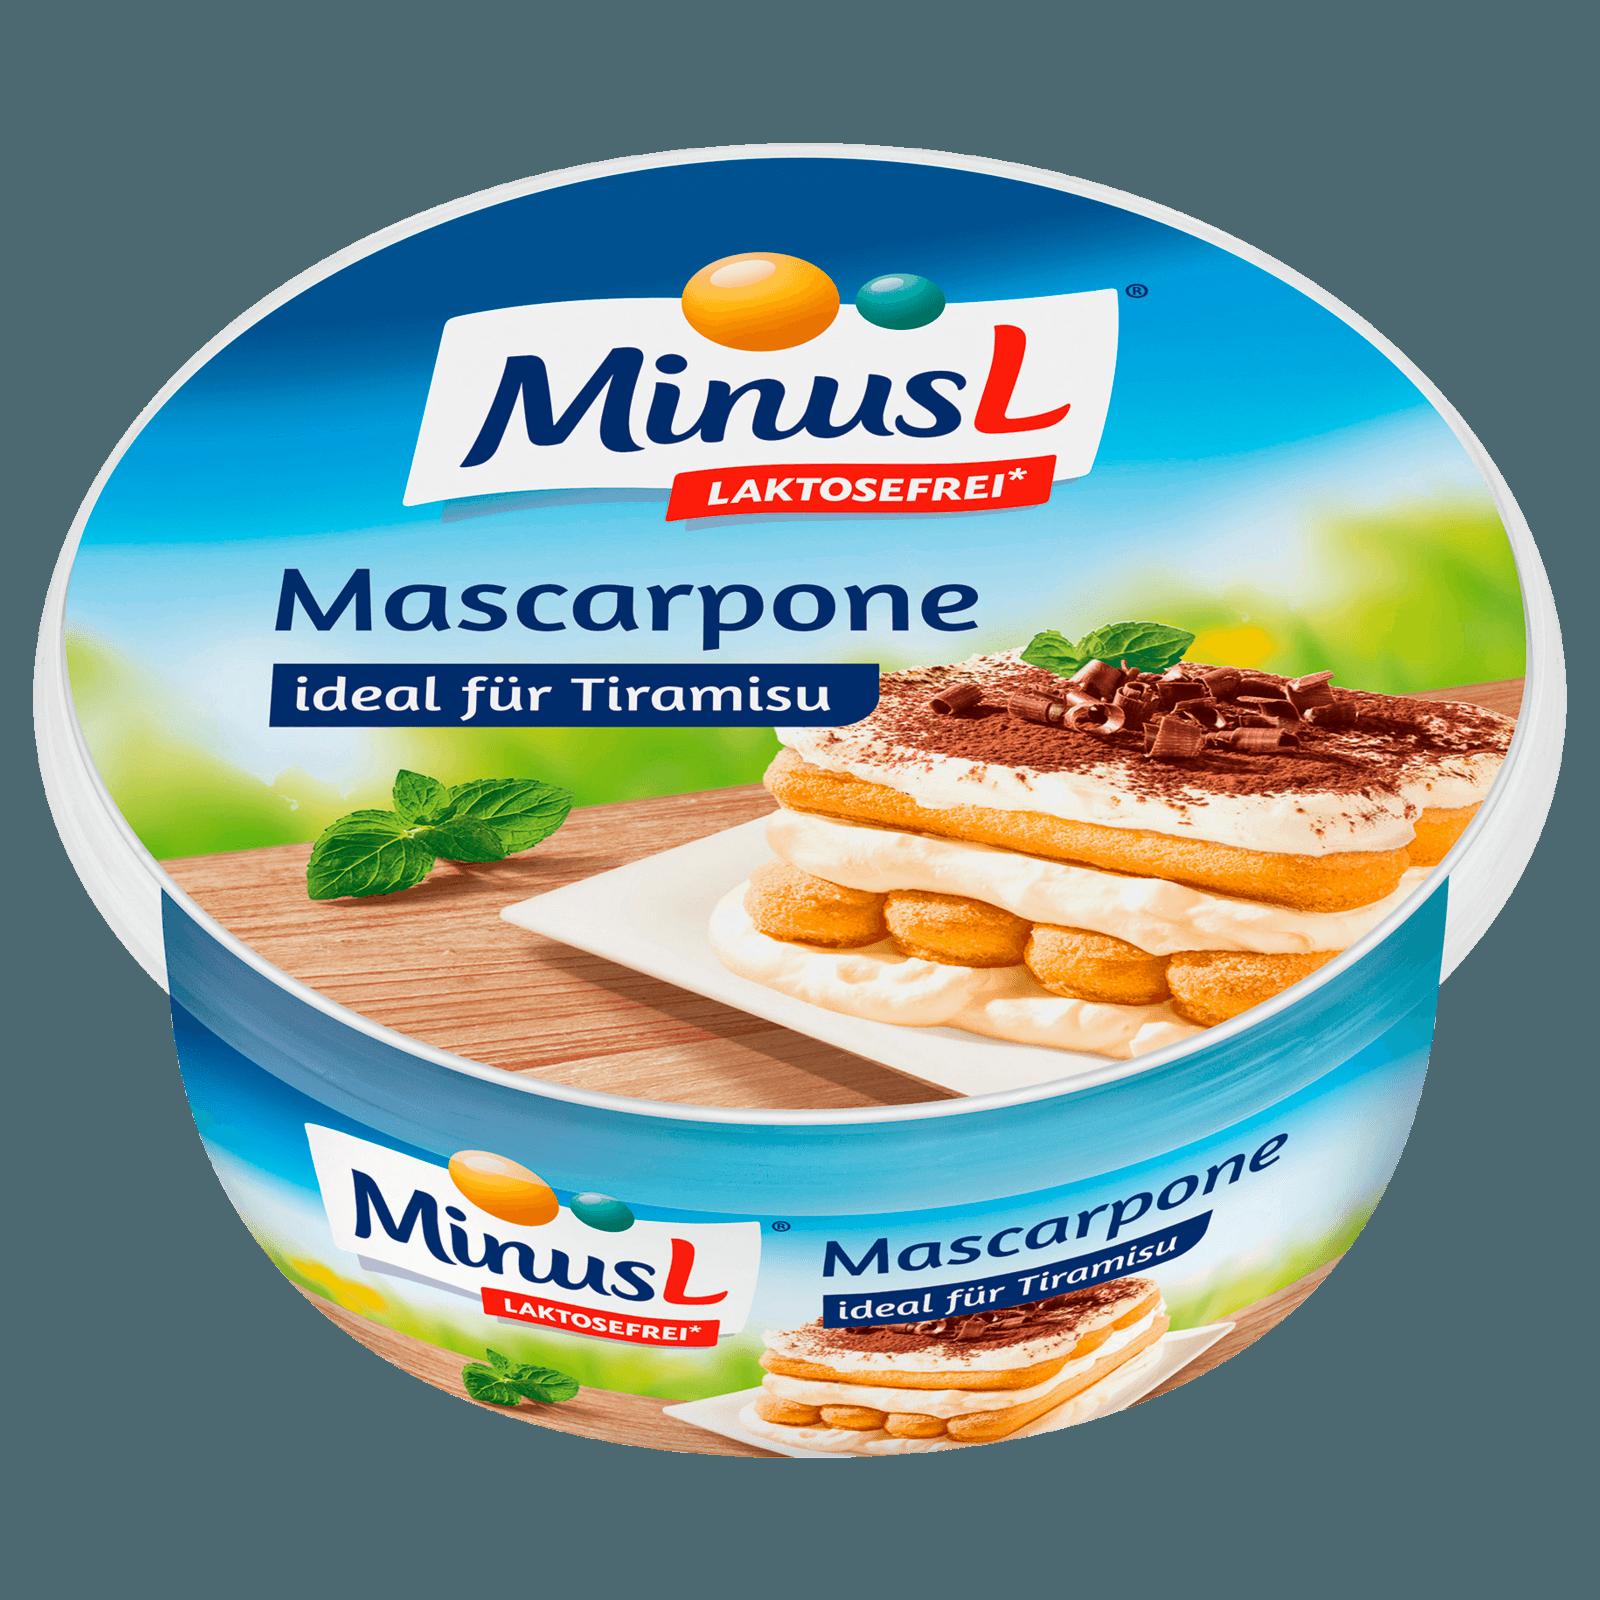 Minusl Mascarpone 250g Bei Rewe Online Bestellen